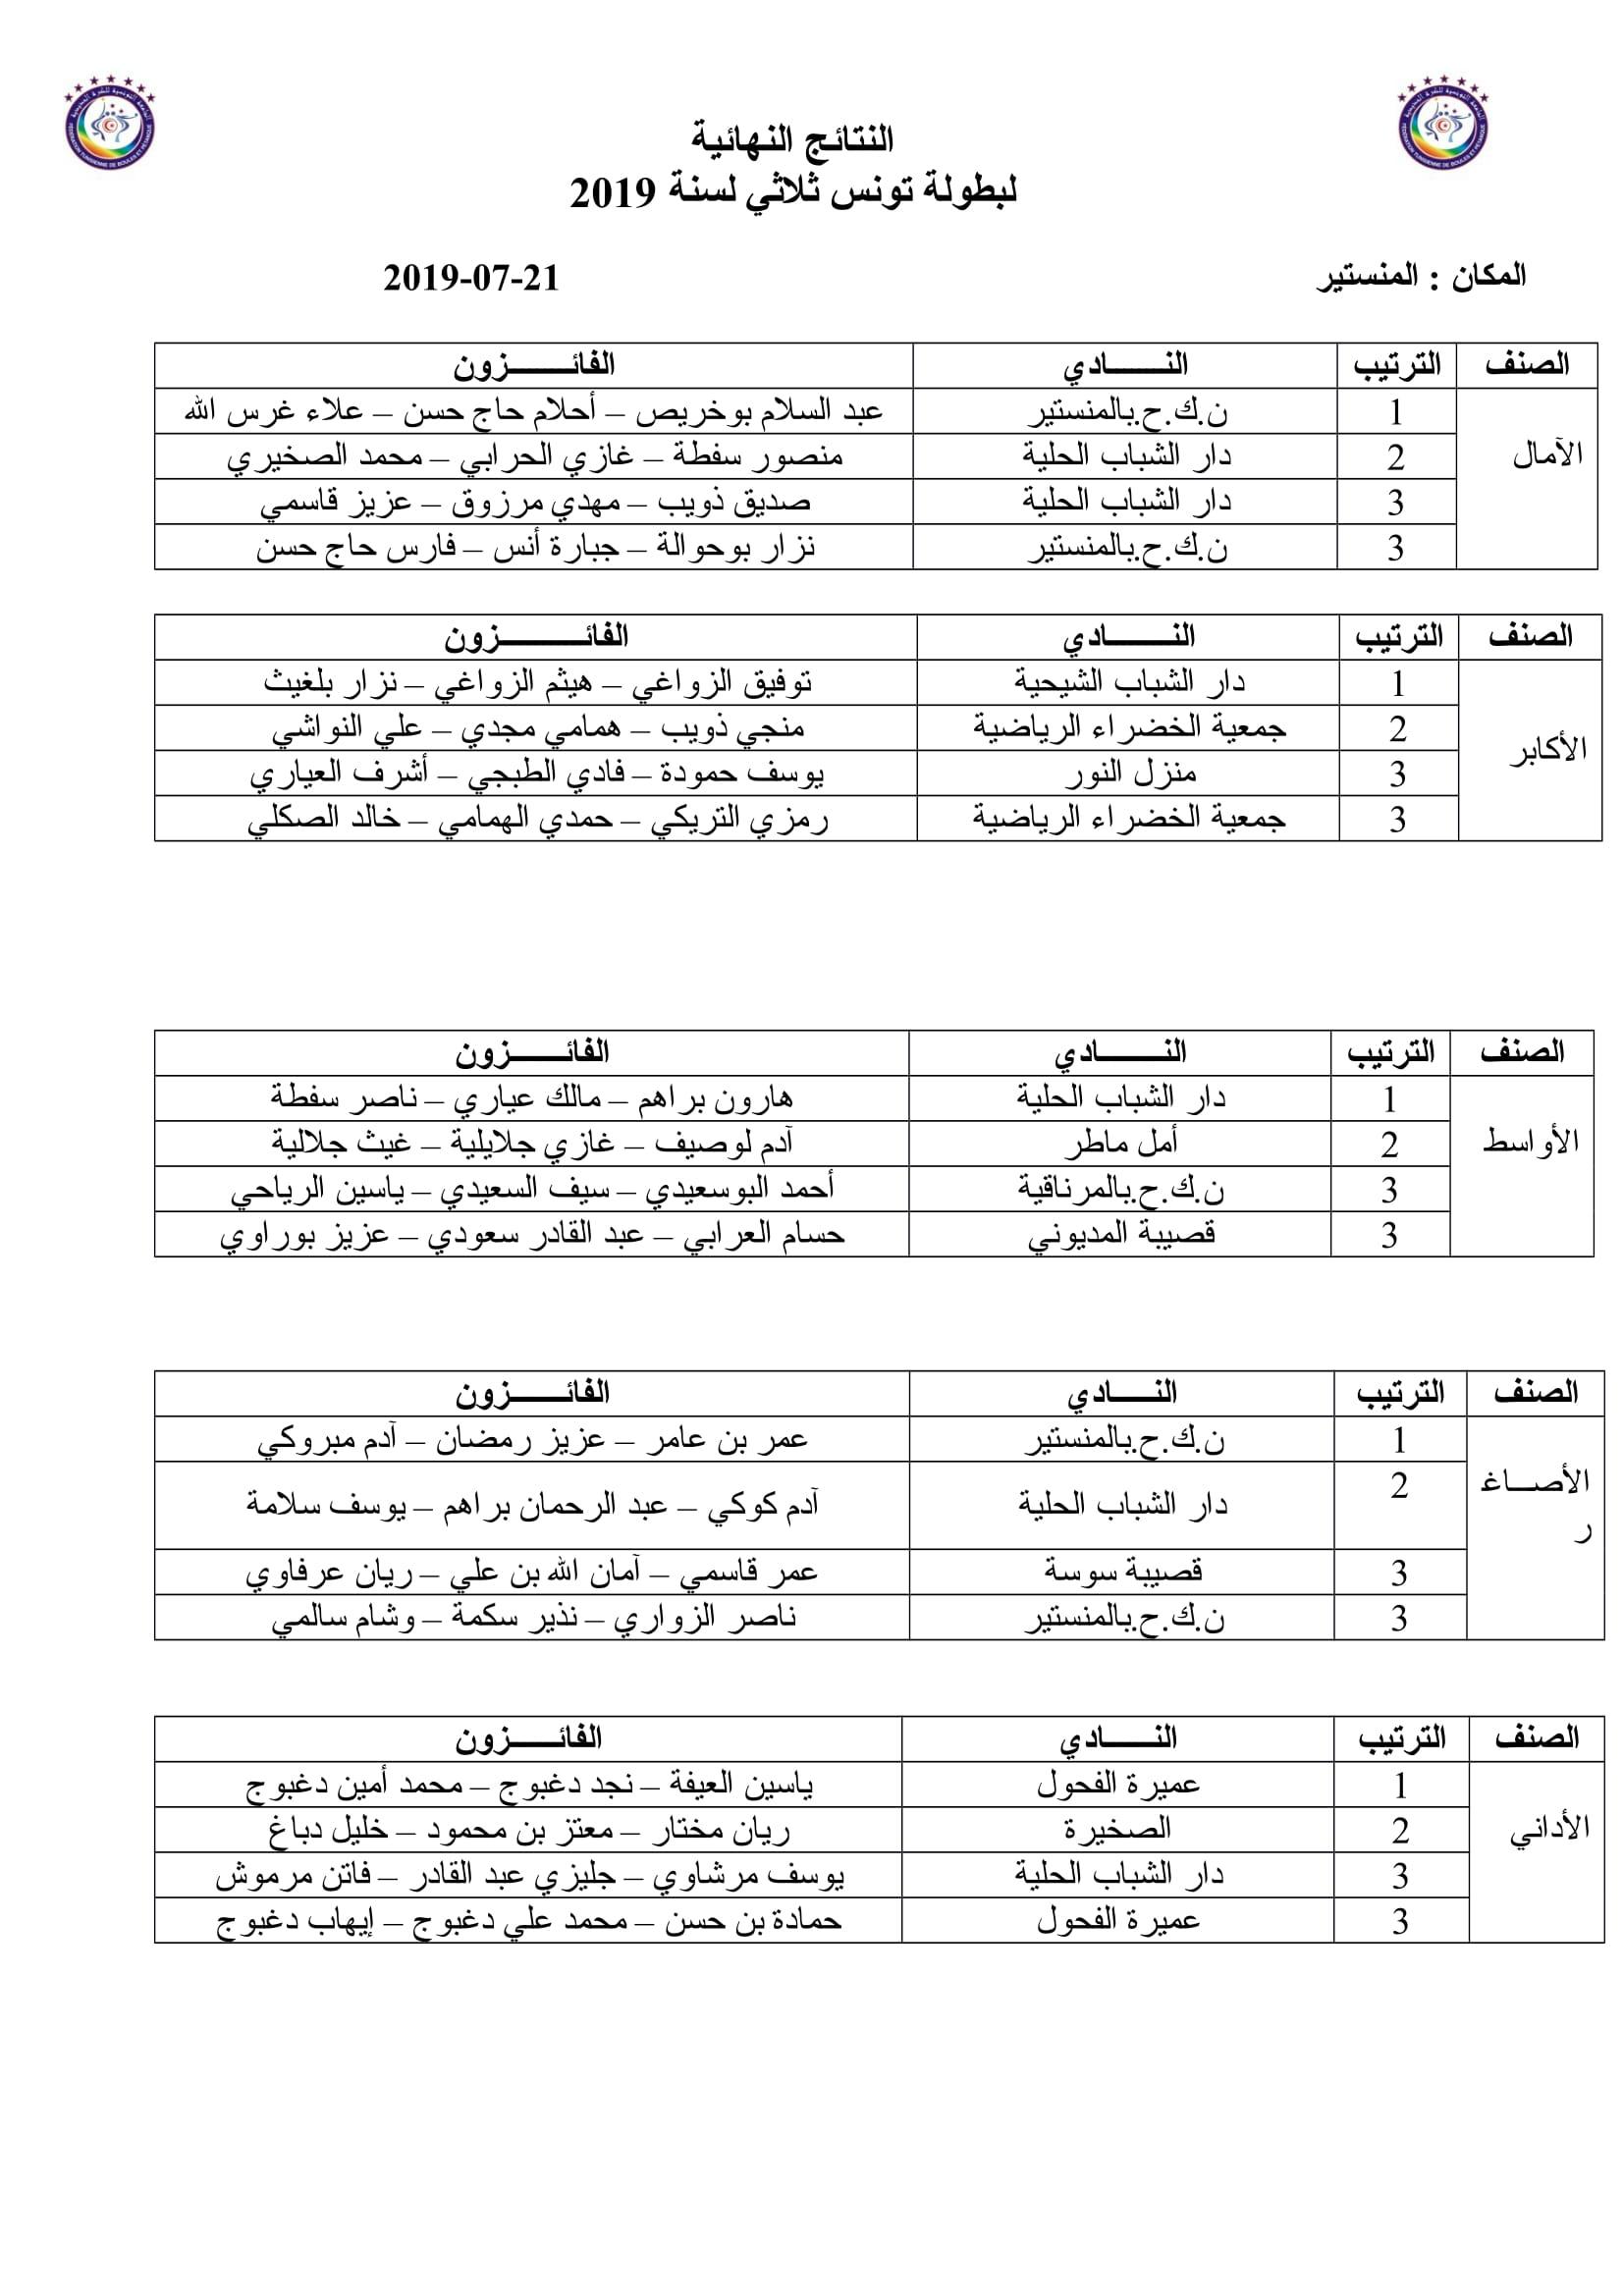 نتائج بطولة تونس ثلاثي 2019-1